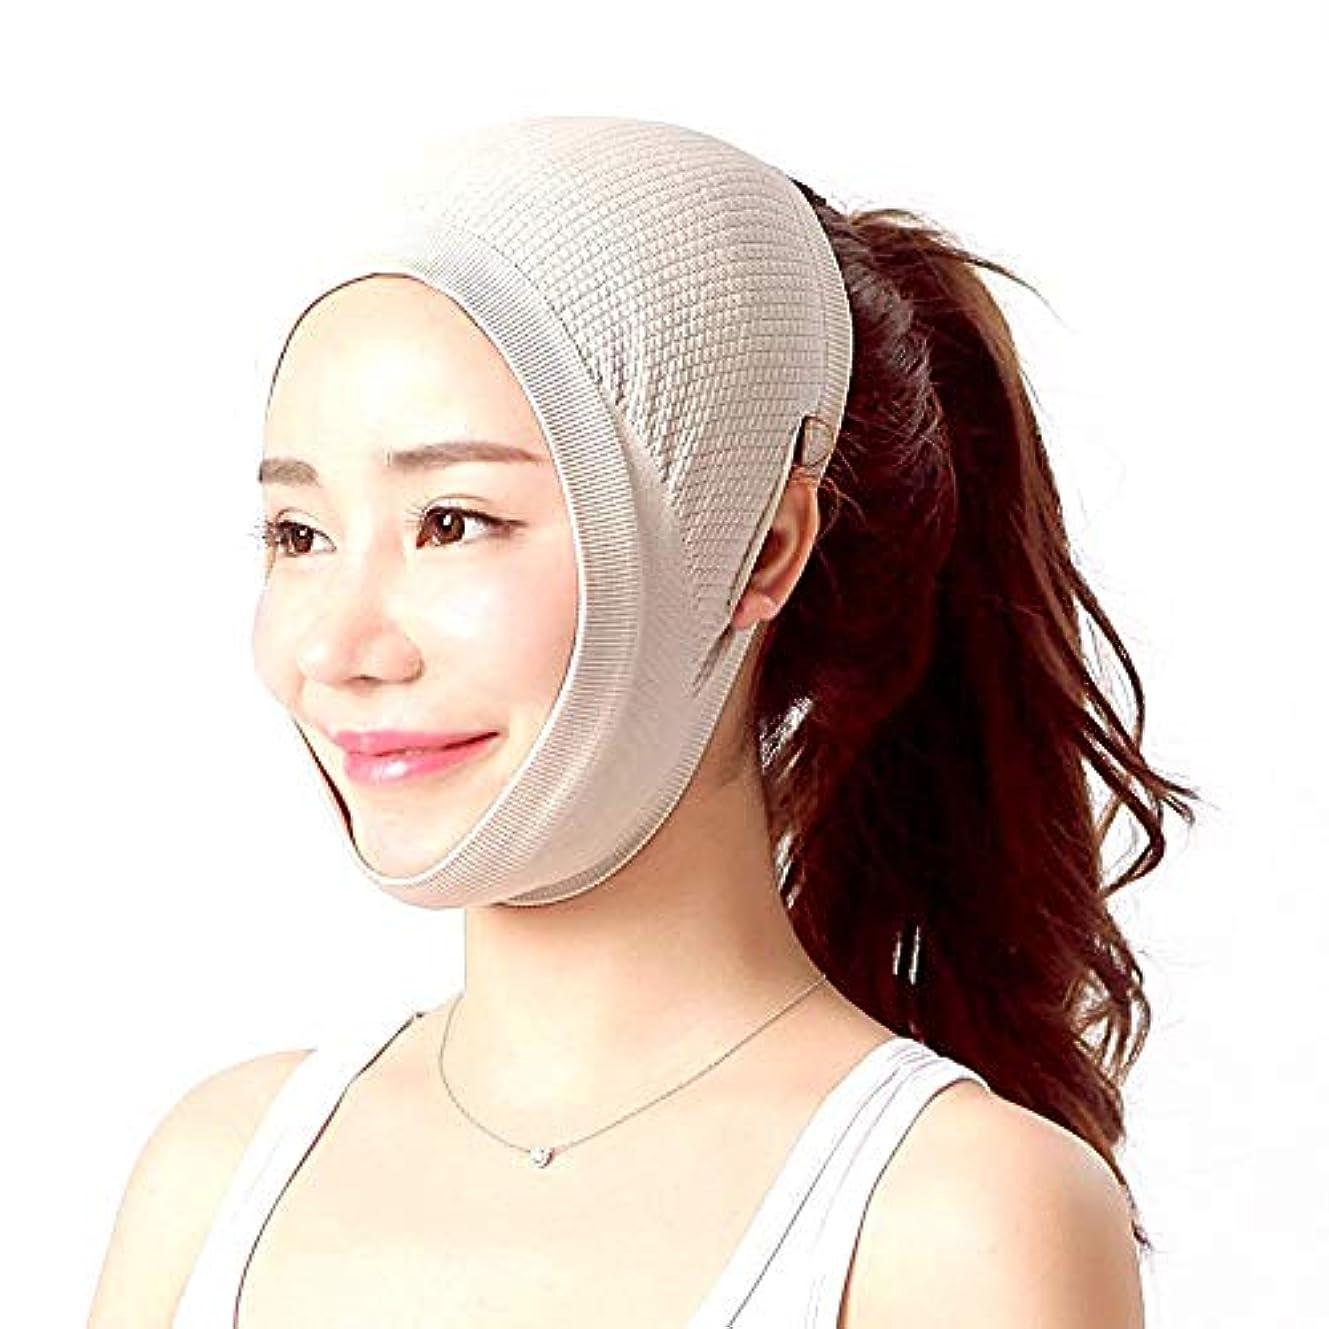 買う責任者同行するJia Jia- フェイスリフティングアーティファクト包帯ライン術後回復包帯リフティングフェイスフードVフェイス包帯リフティングVフェイス美容マスク - 肌のトーン 顔面包帯